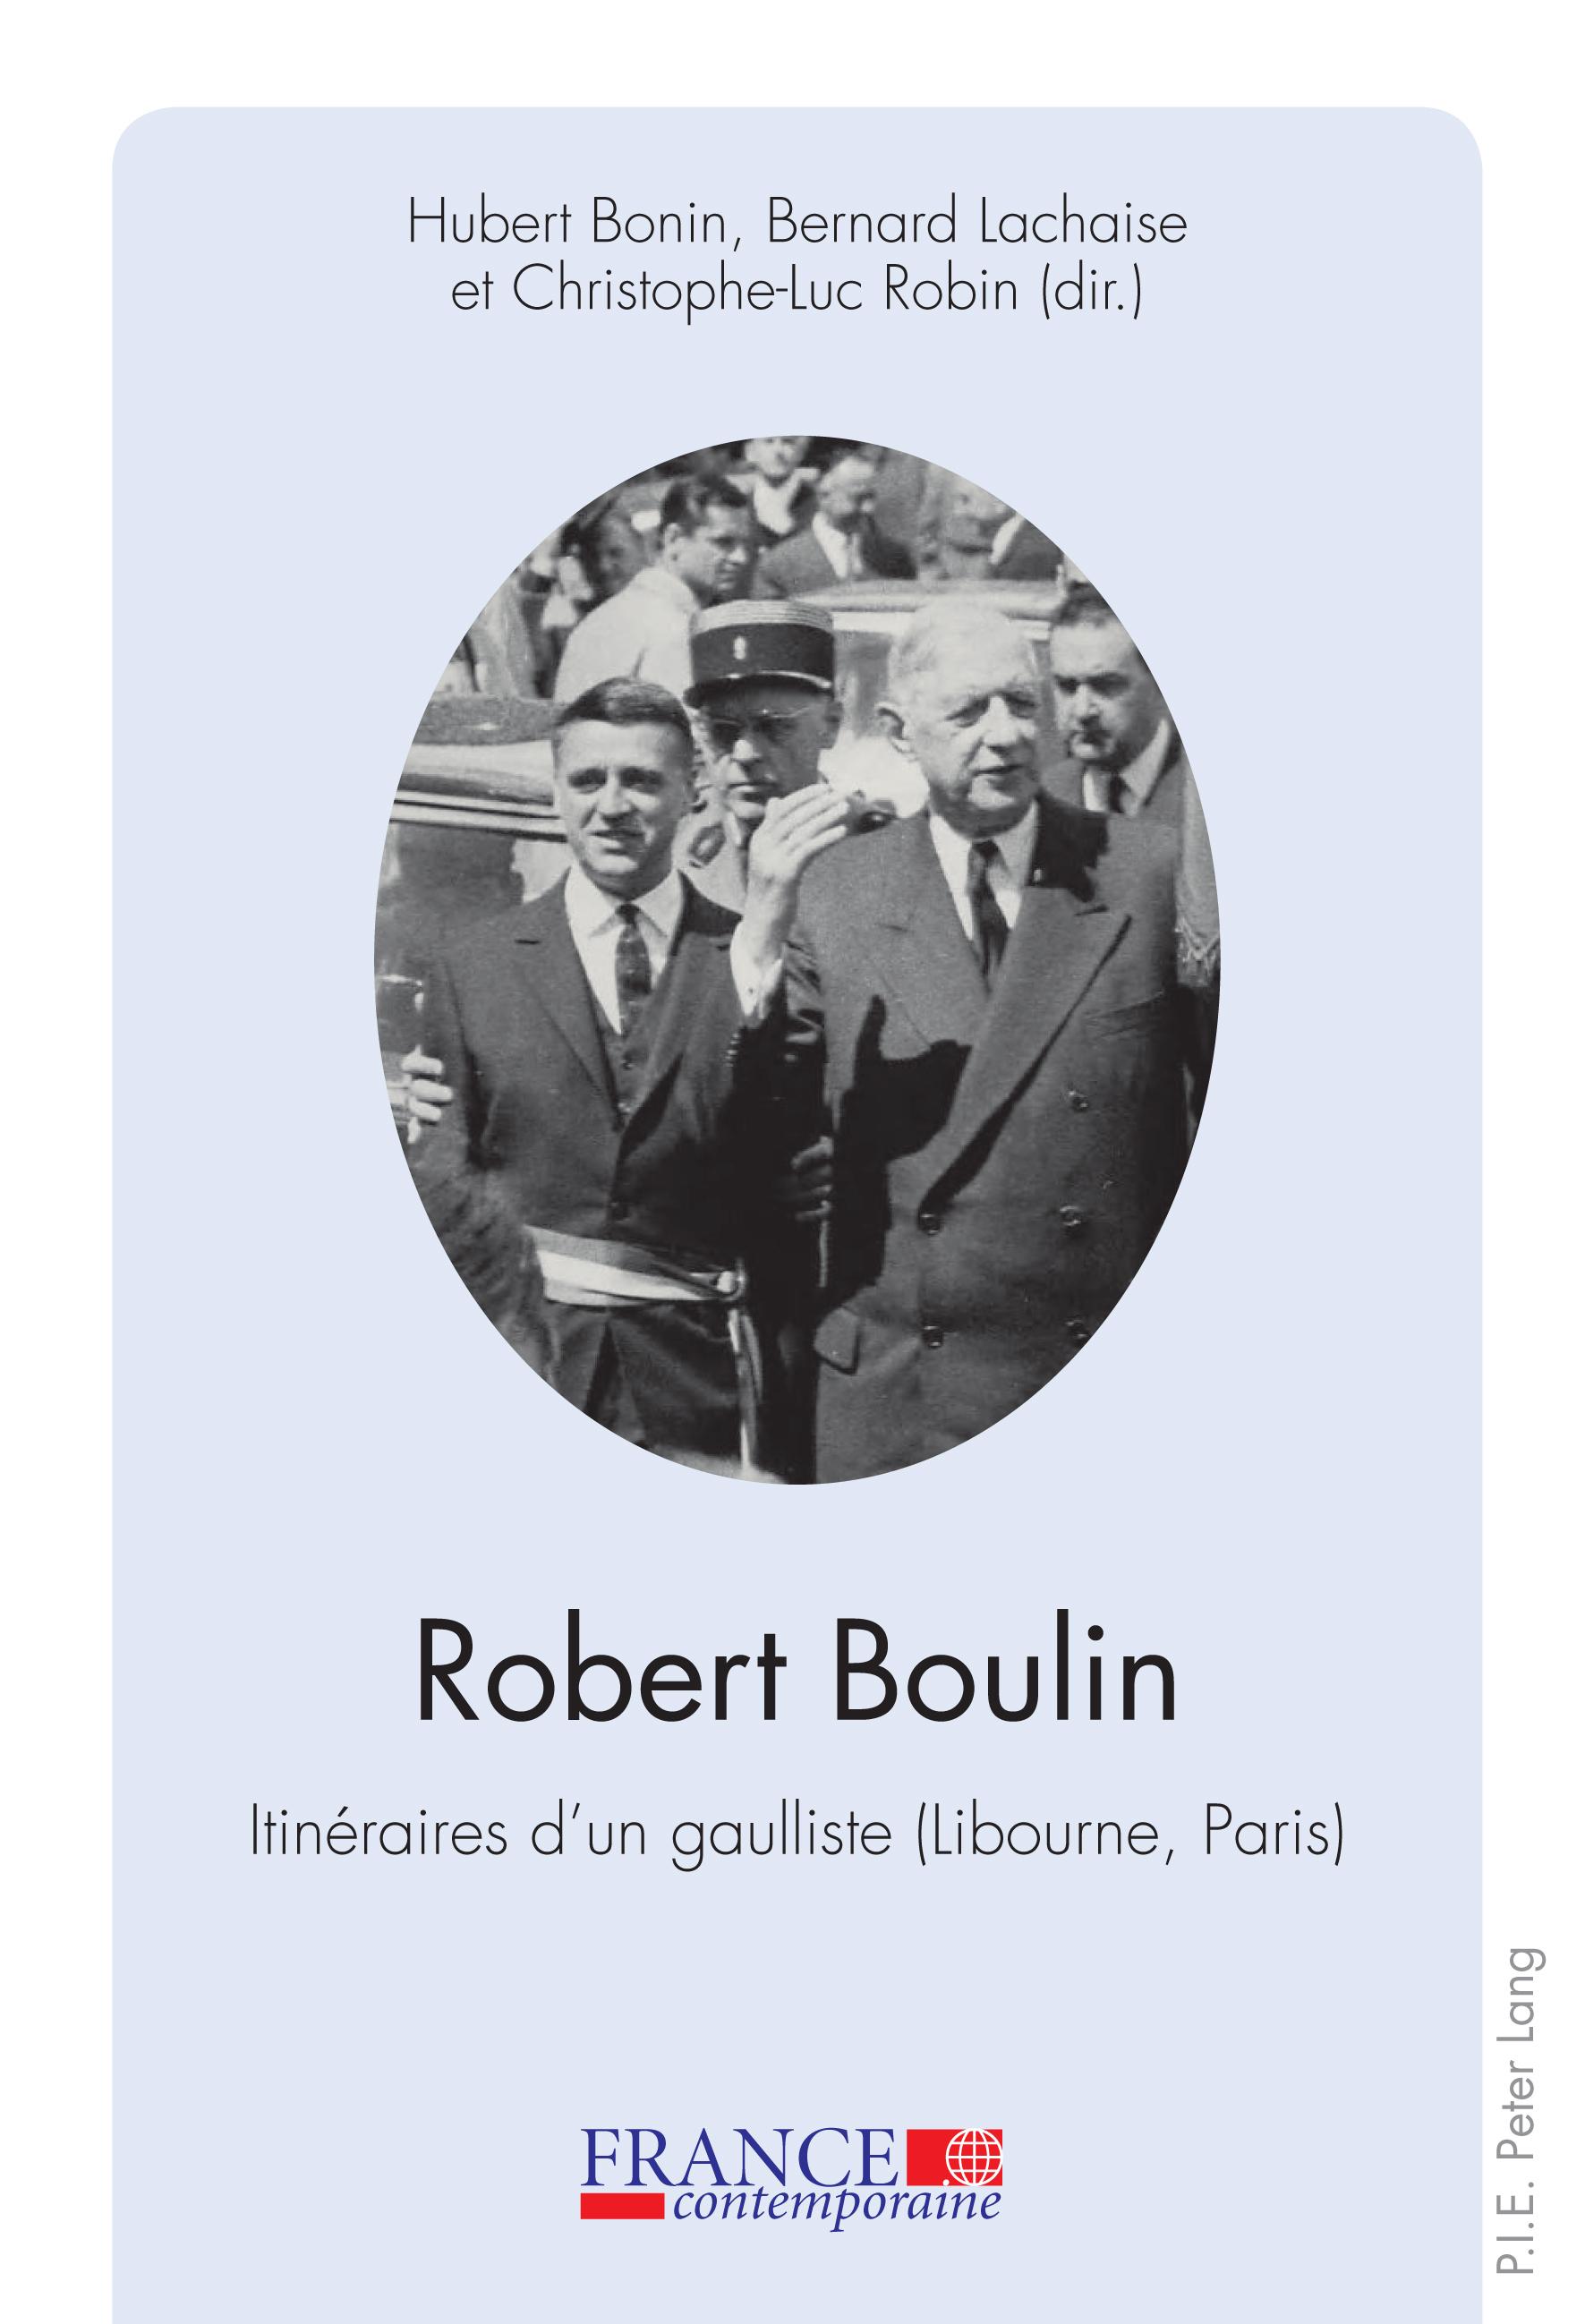 ROBERT BOULIN